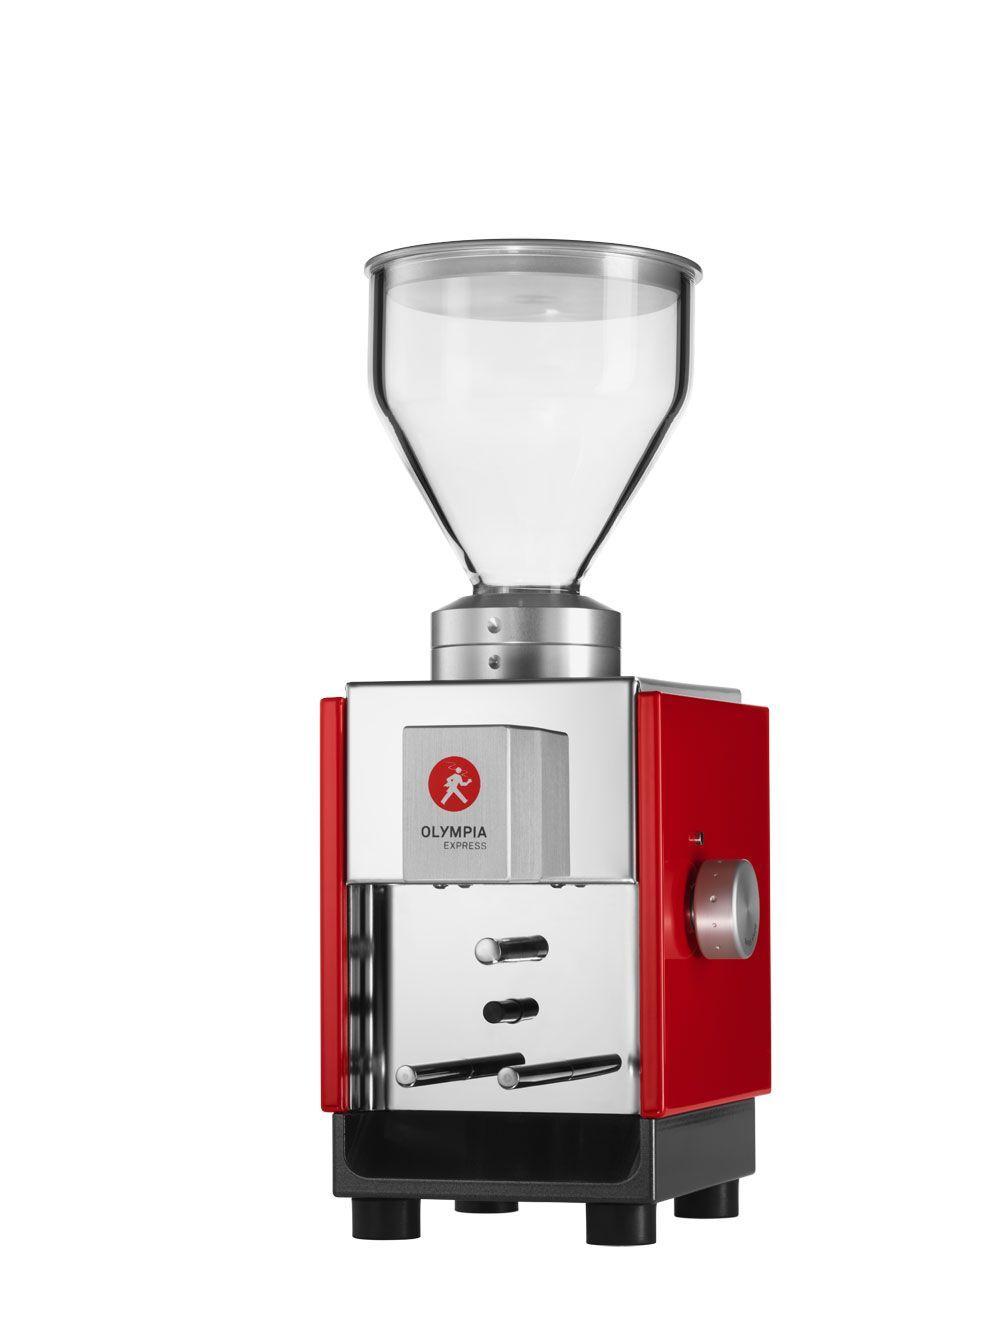 Olympia Express Moca Red kafijas dzirnaviņas